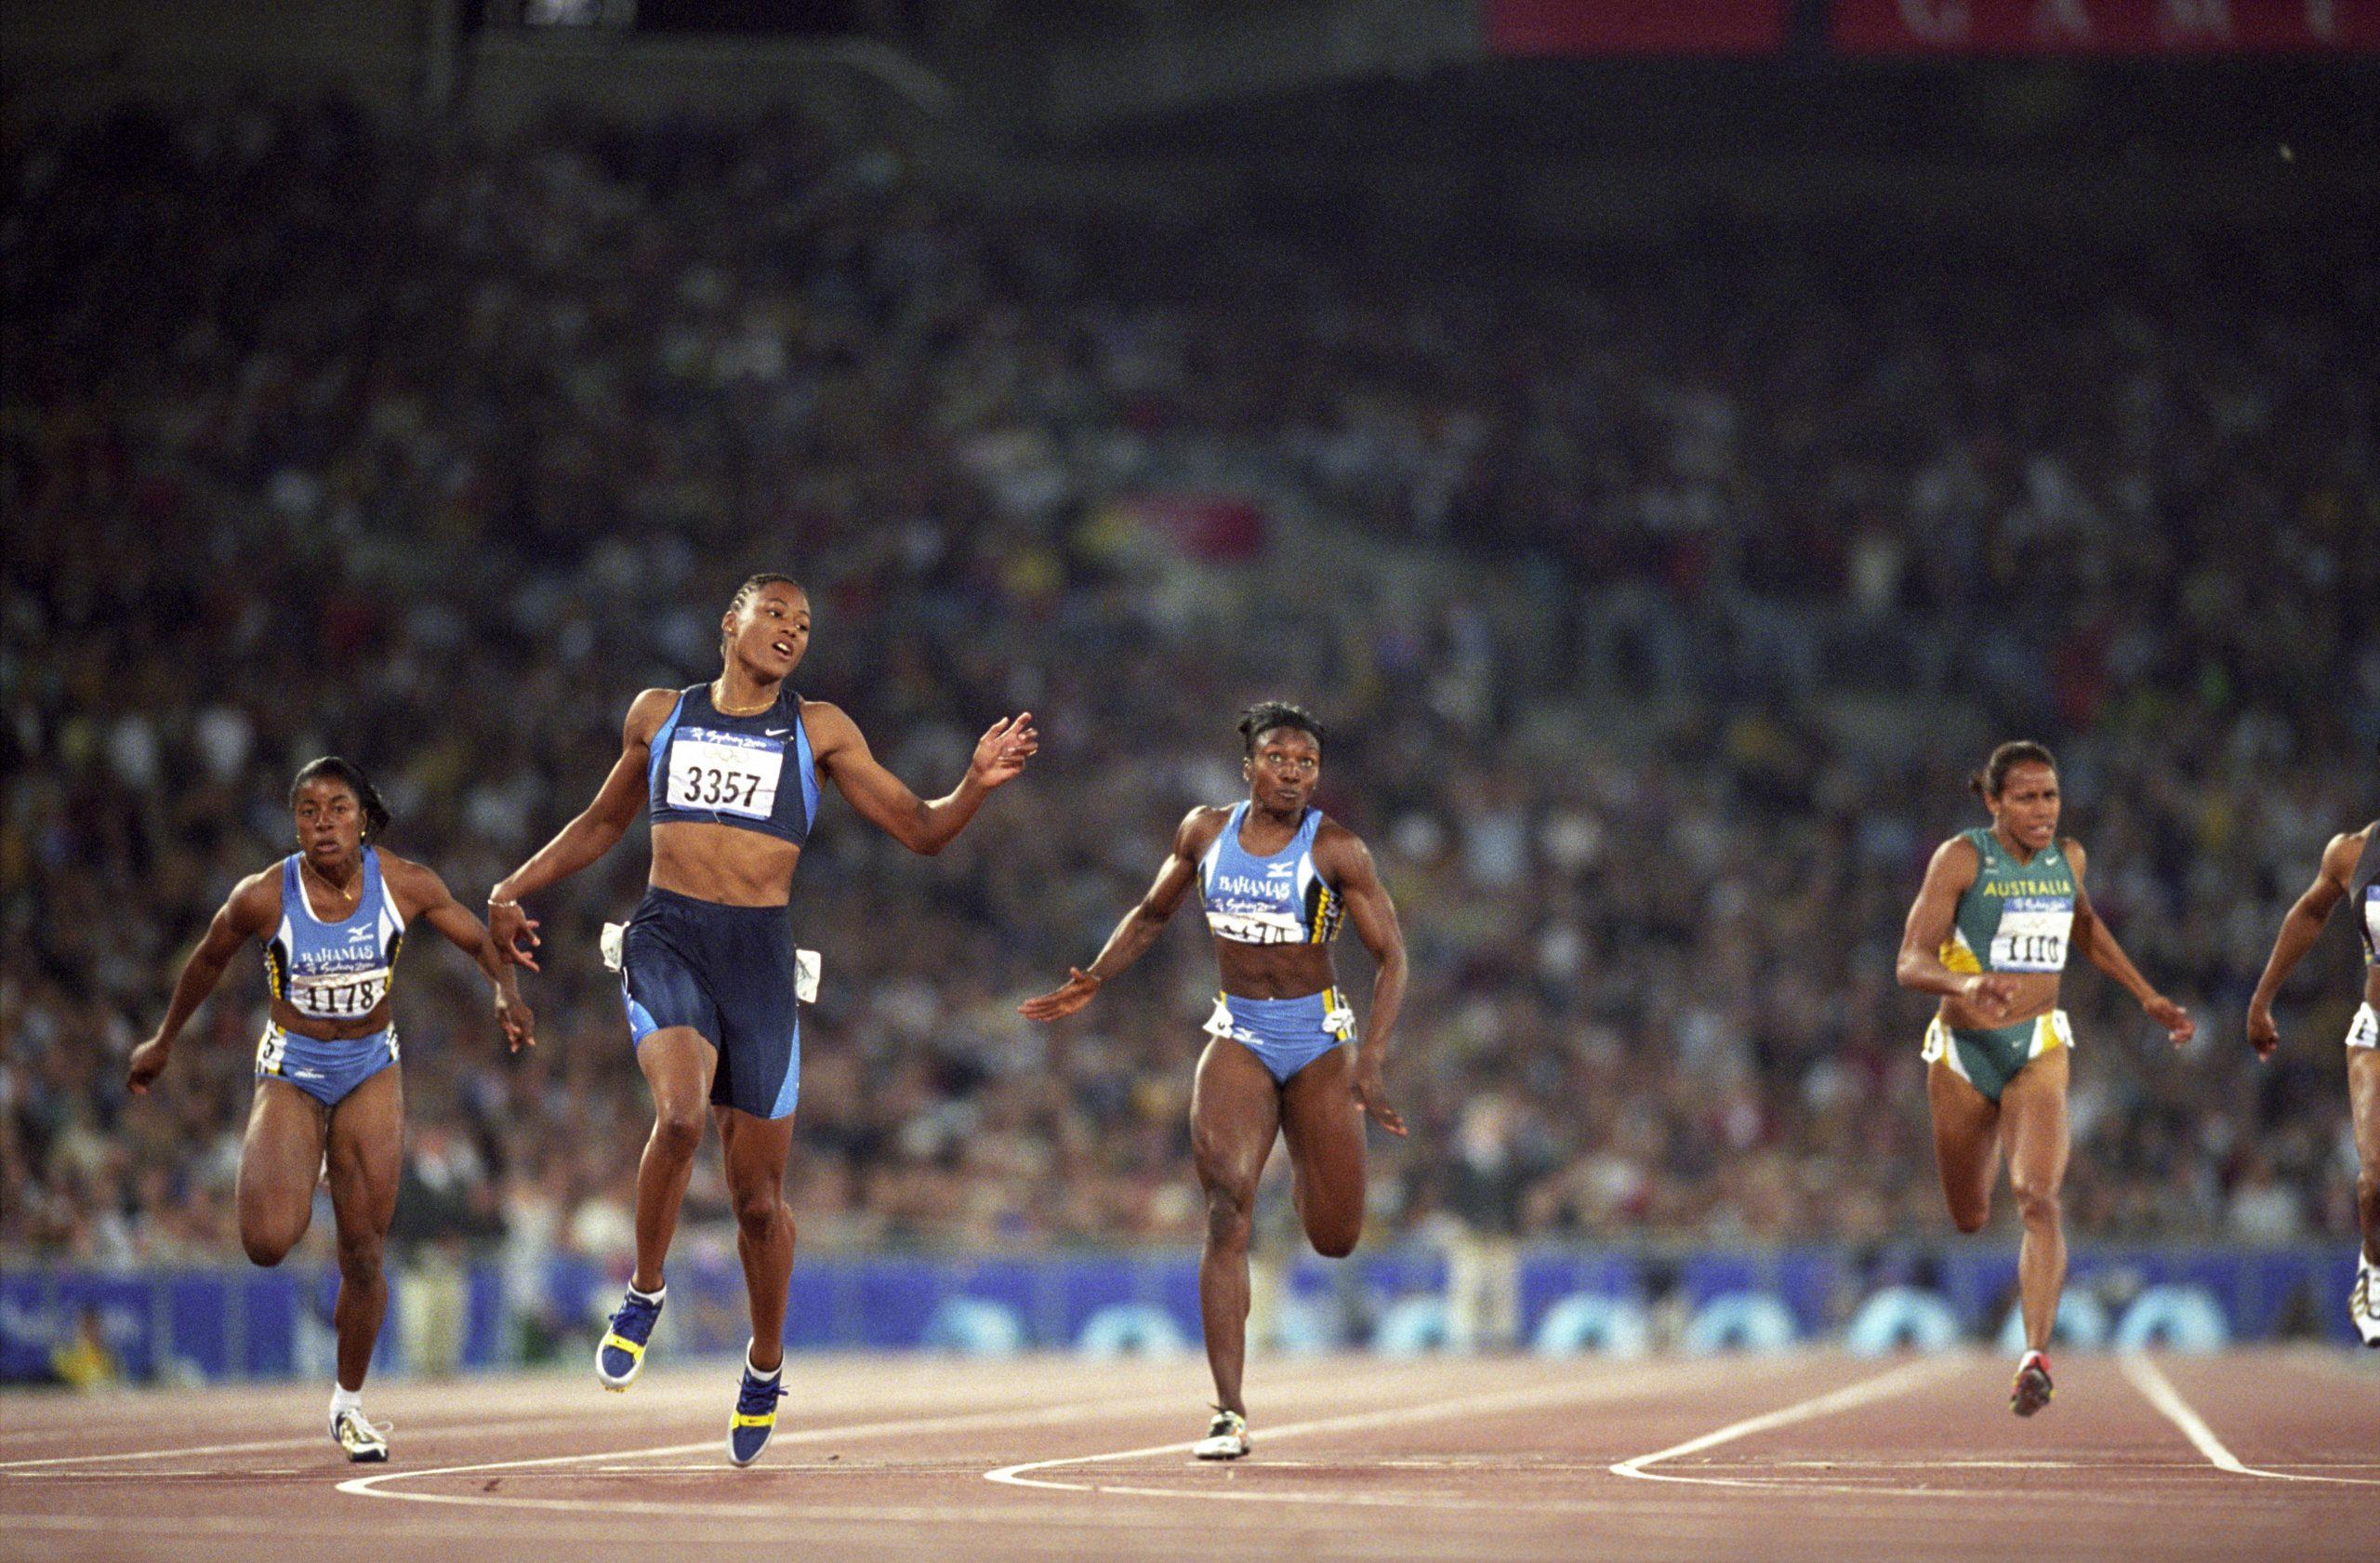 tradición de repartir condones en los Juegos Olímpicos